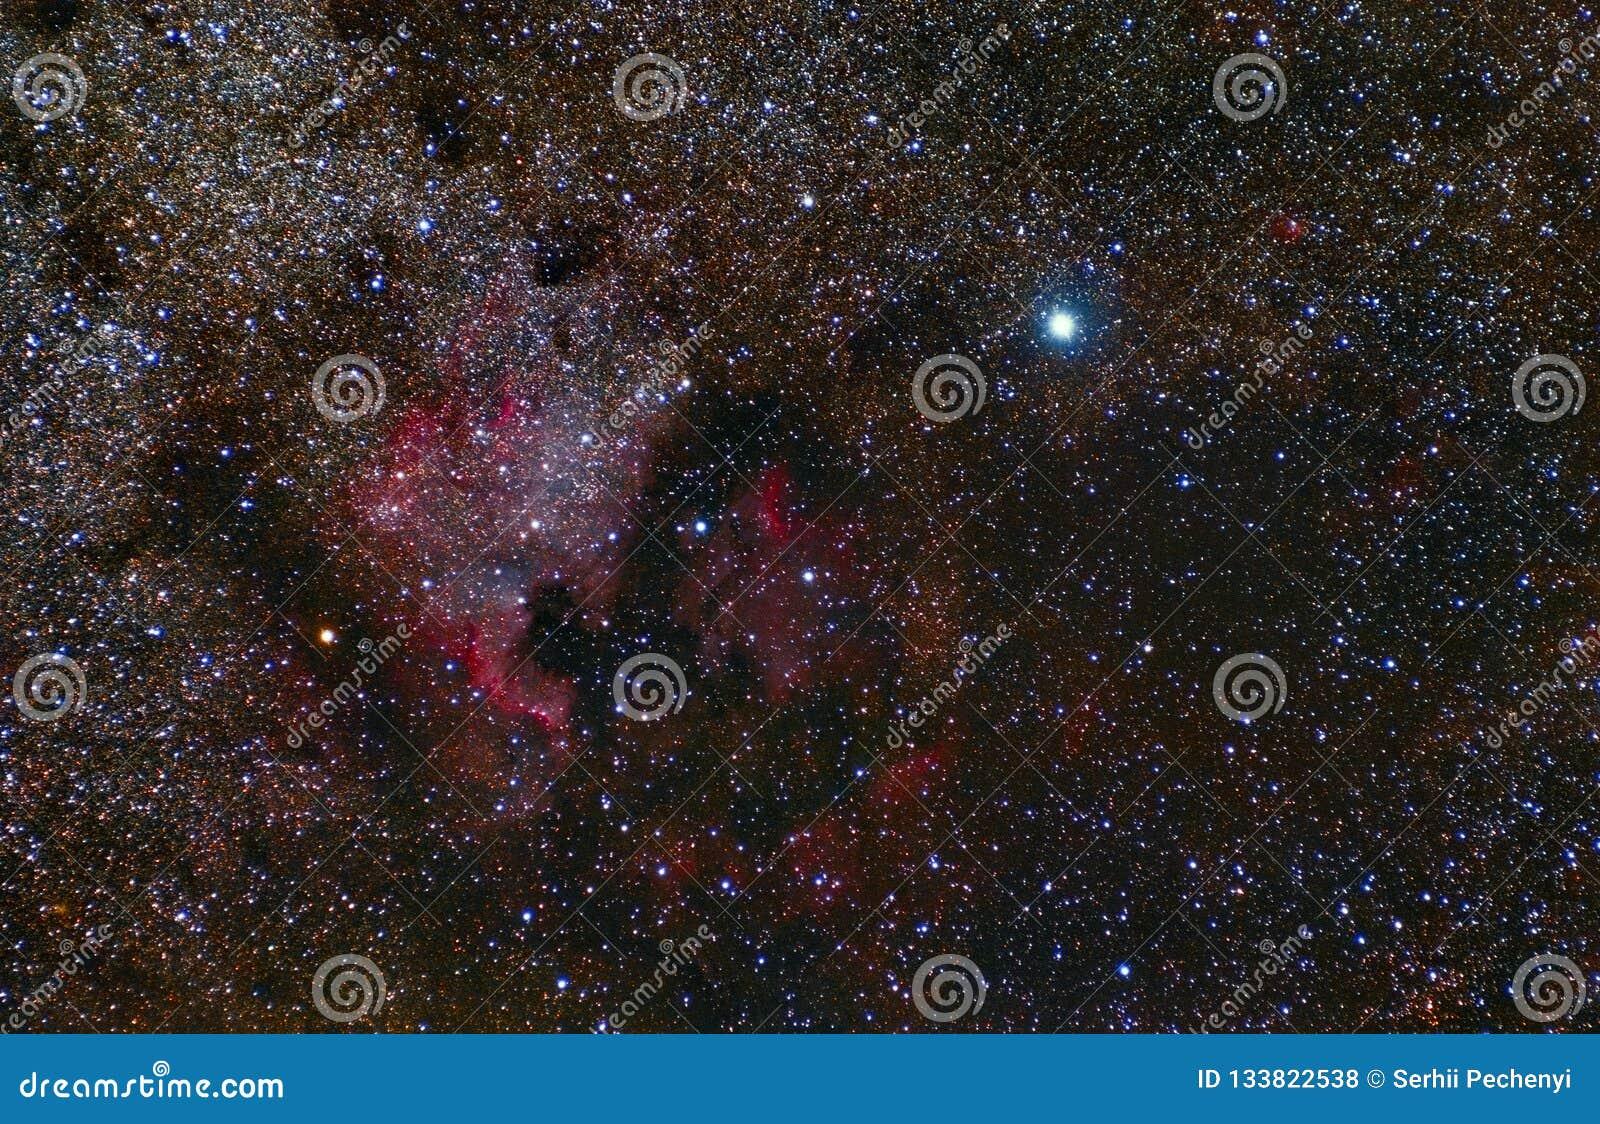 Nebulosa de Norteamérica Constelación del Cygnus deneb Fotografía astronómica del telescopio